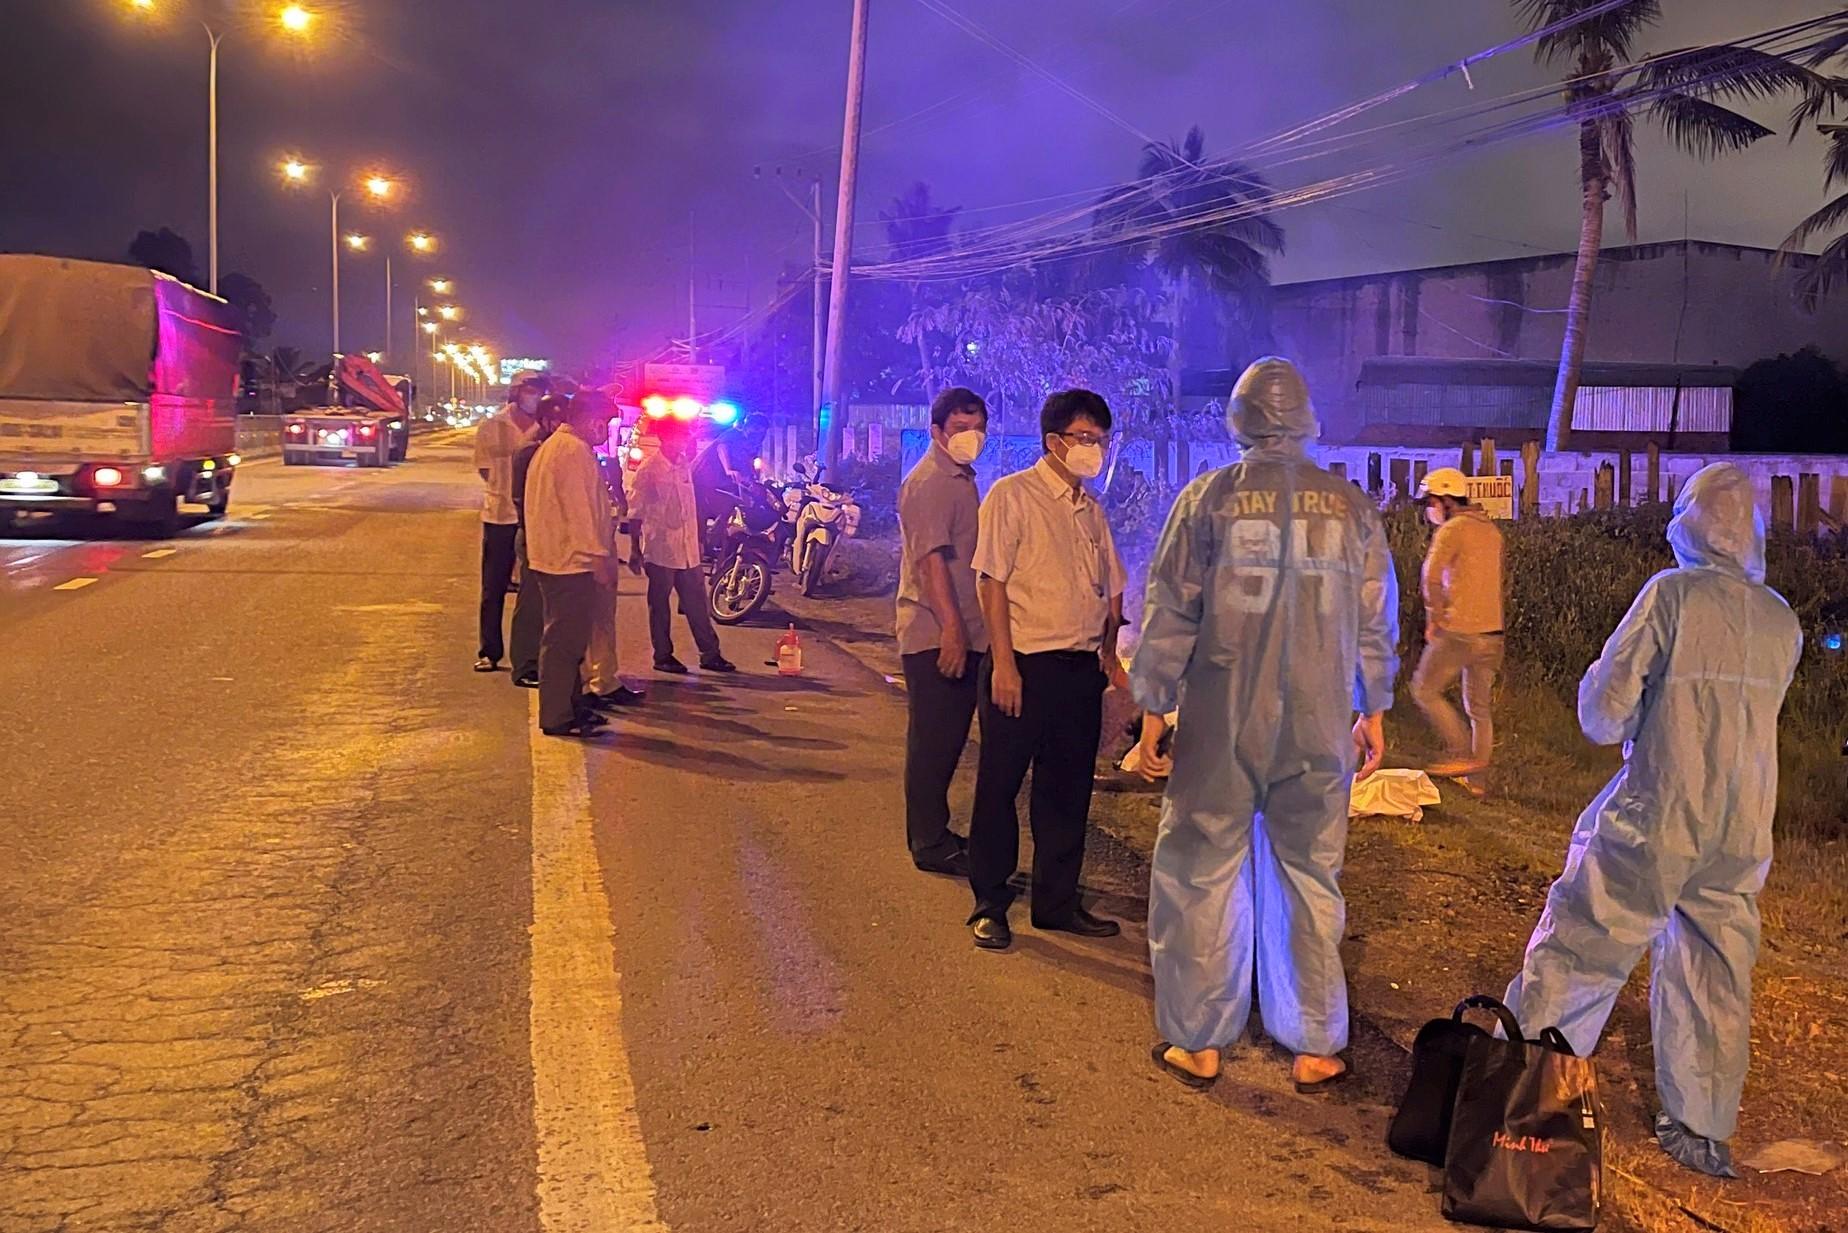 Lực lượng chức năng khám nghiệm hiện trường trên QL1A qua xã Tiến Lợi, tối 22/8. Ảnh: Tư Huynh